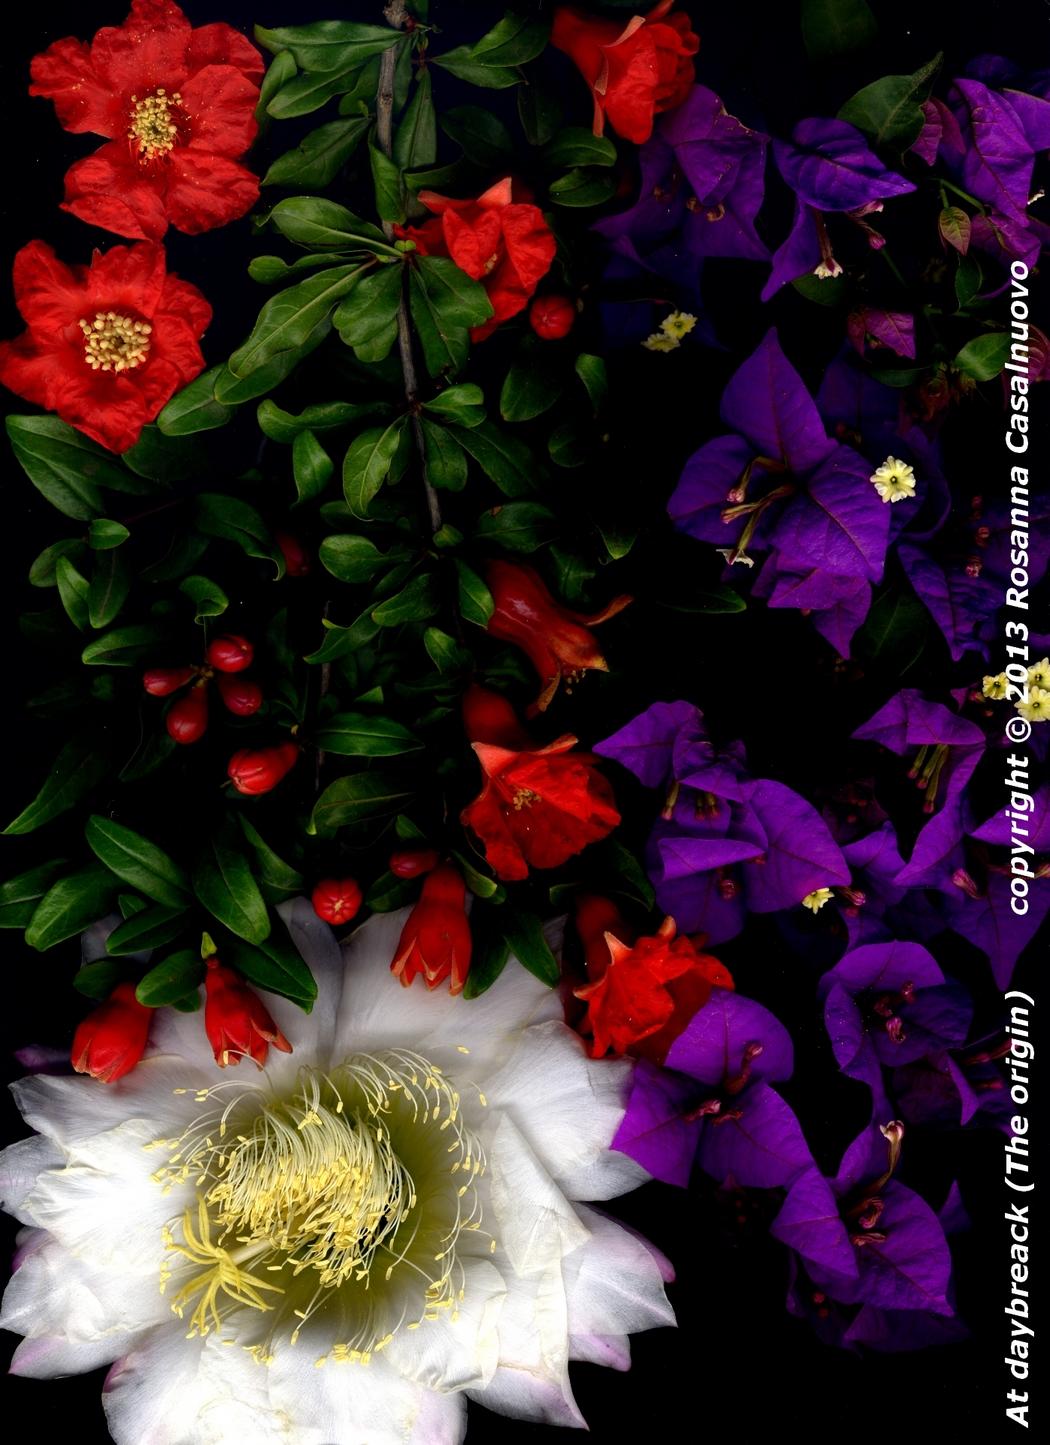 scannografia fiori bougainvillea melograno cactus colori originali